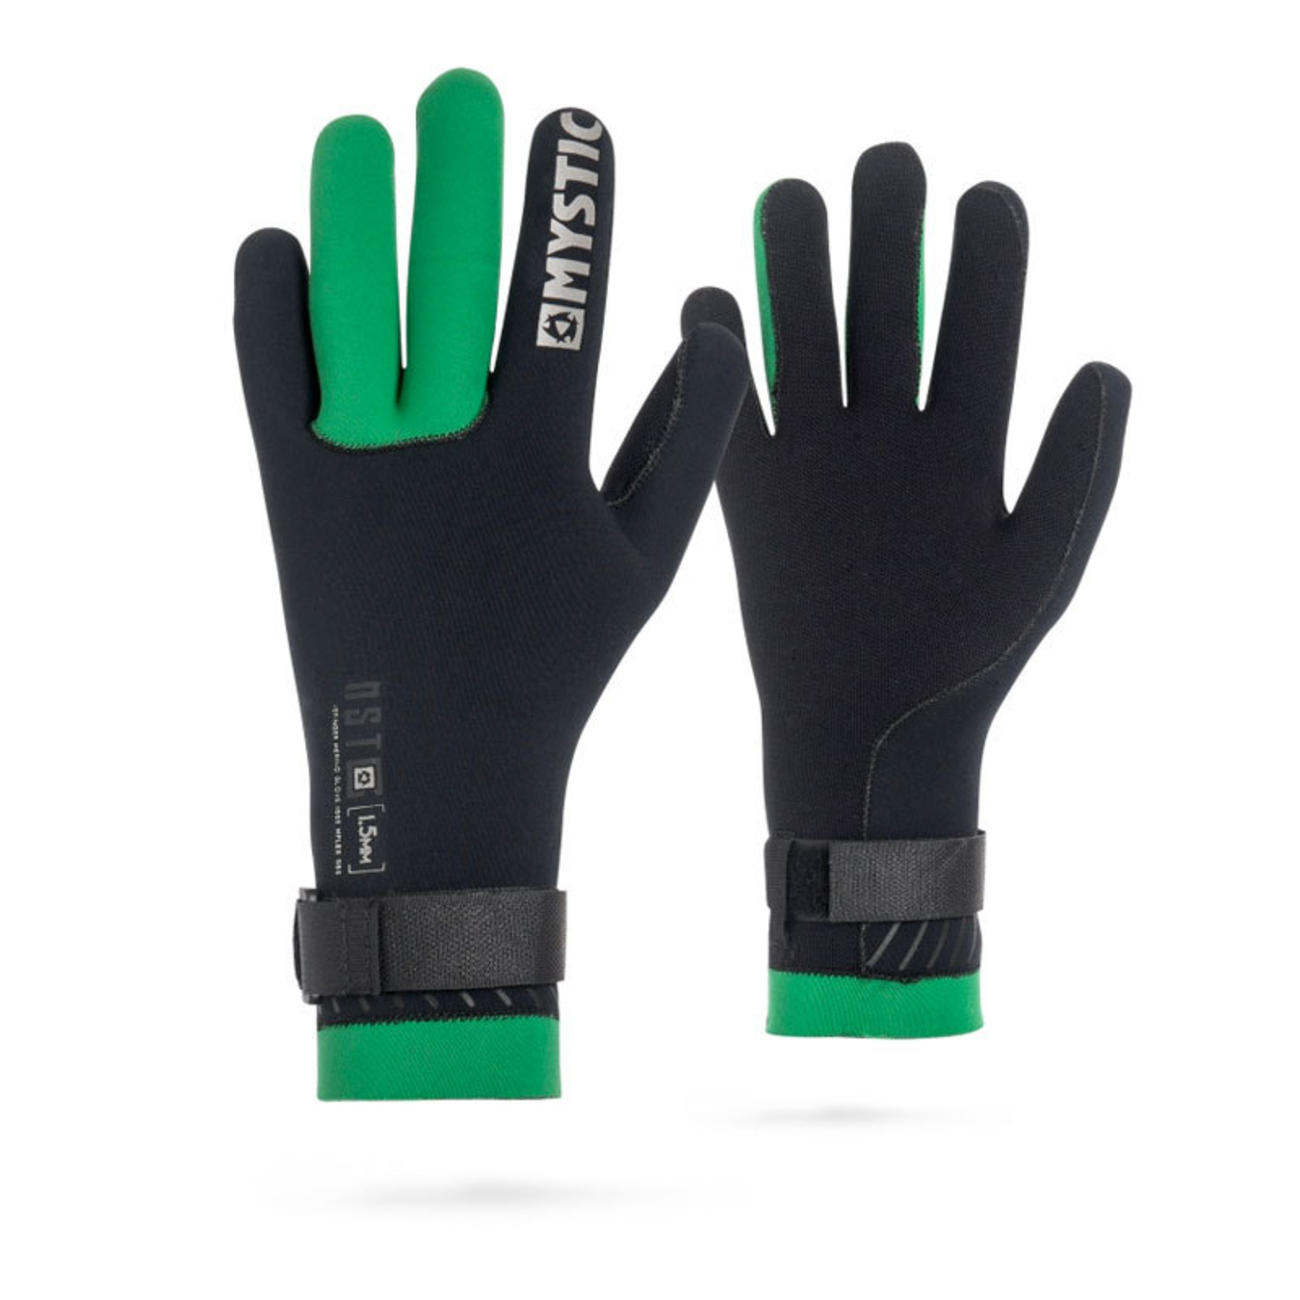 MSTC Glove Merino Wool 1.5mm